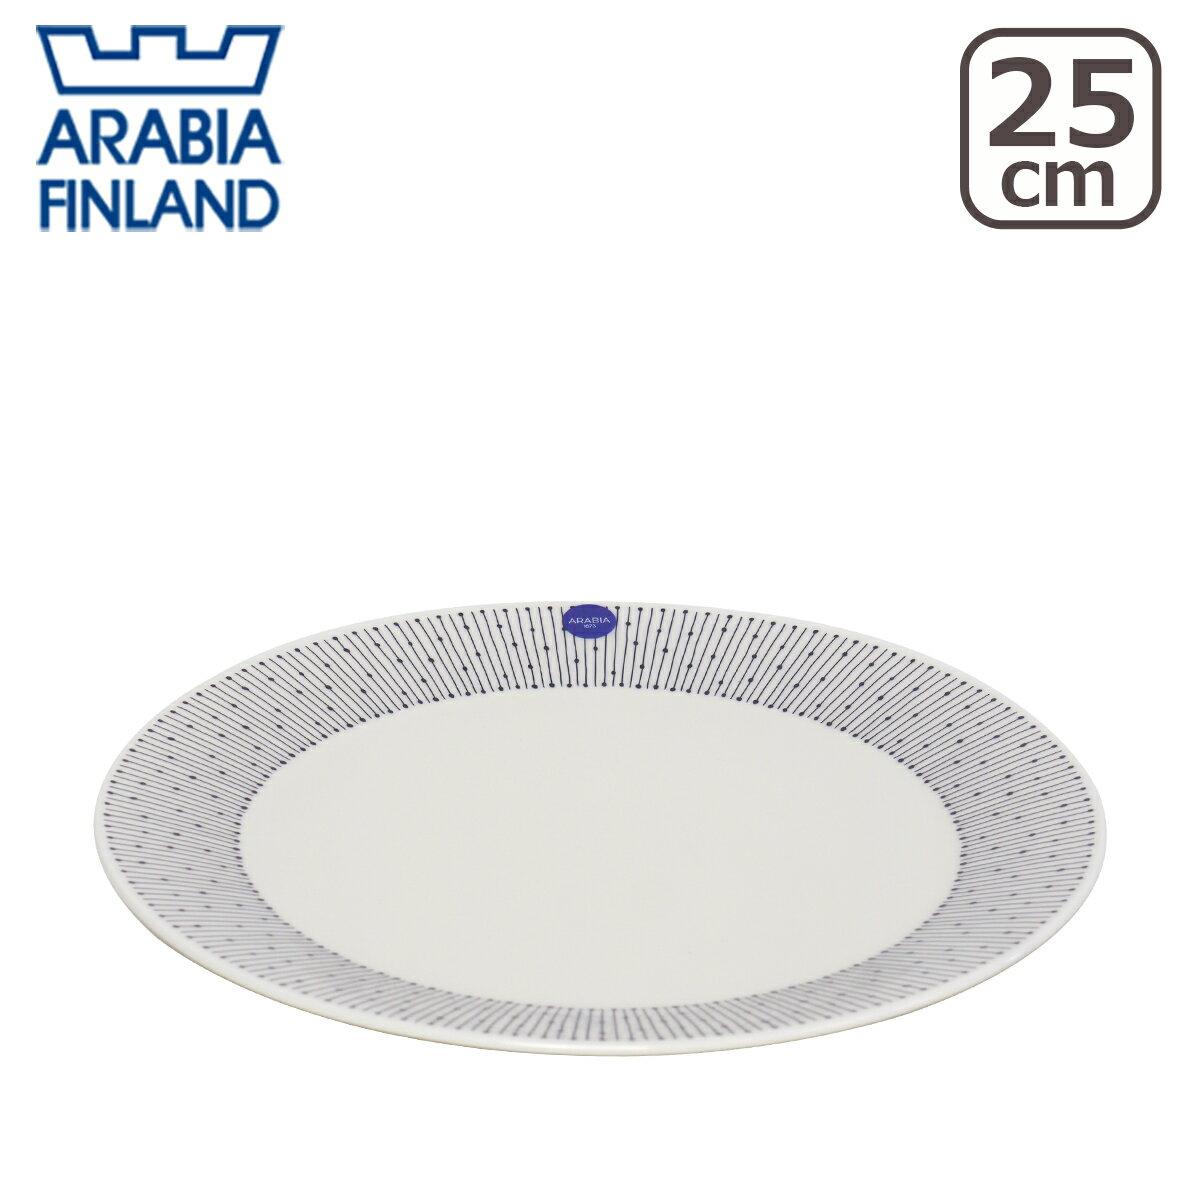 アラビア(Arabia) マイニオ(Mainio) SARASTUS プレート25cm 北欧 フィンランド 食器 Arabia 食器洗い機 対応